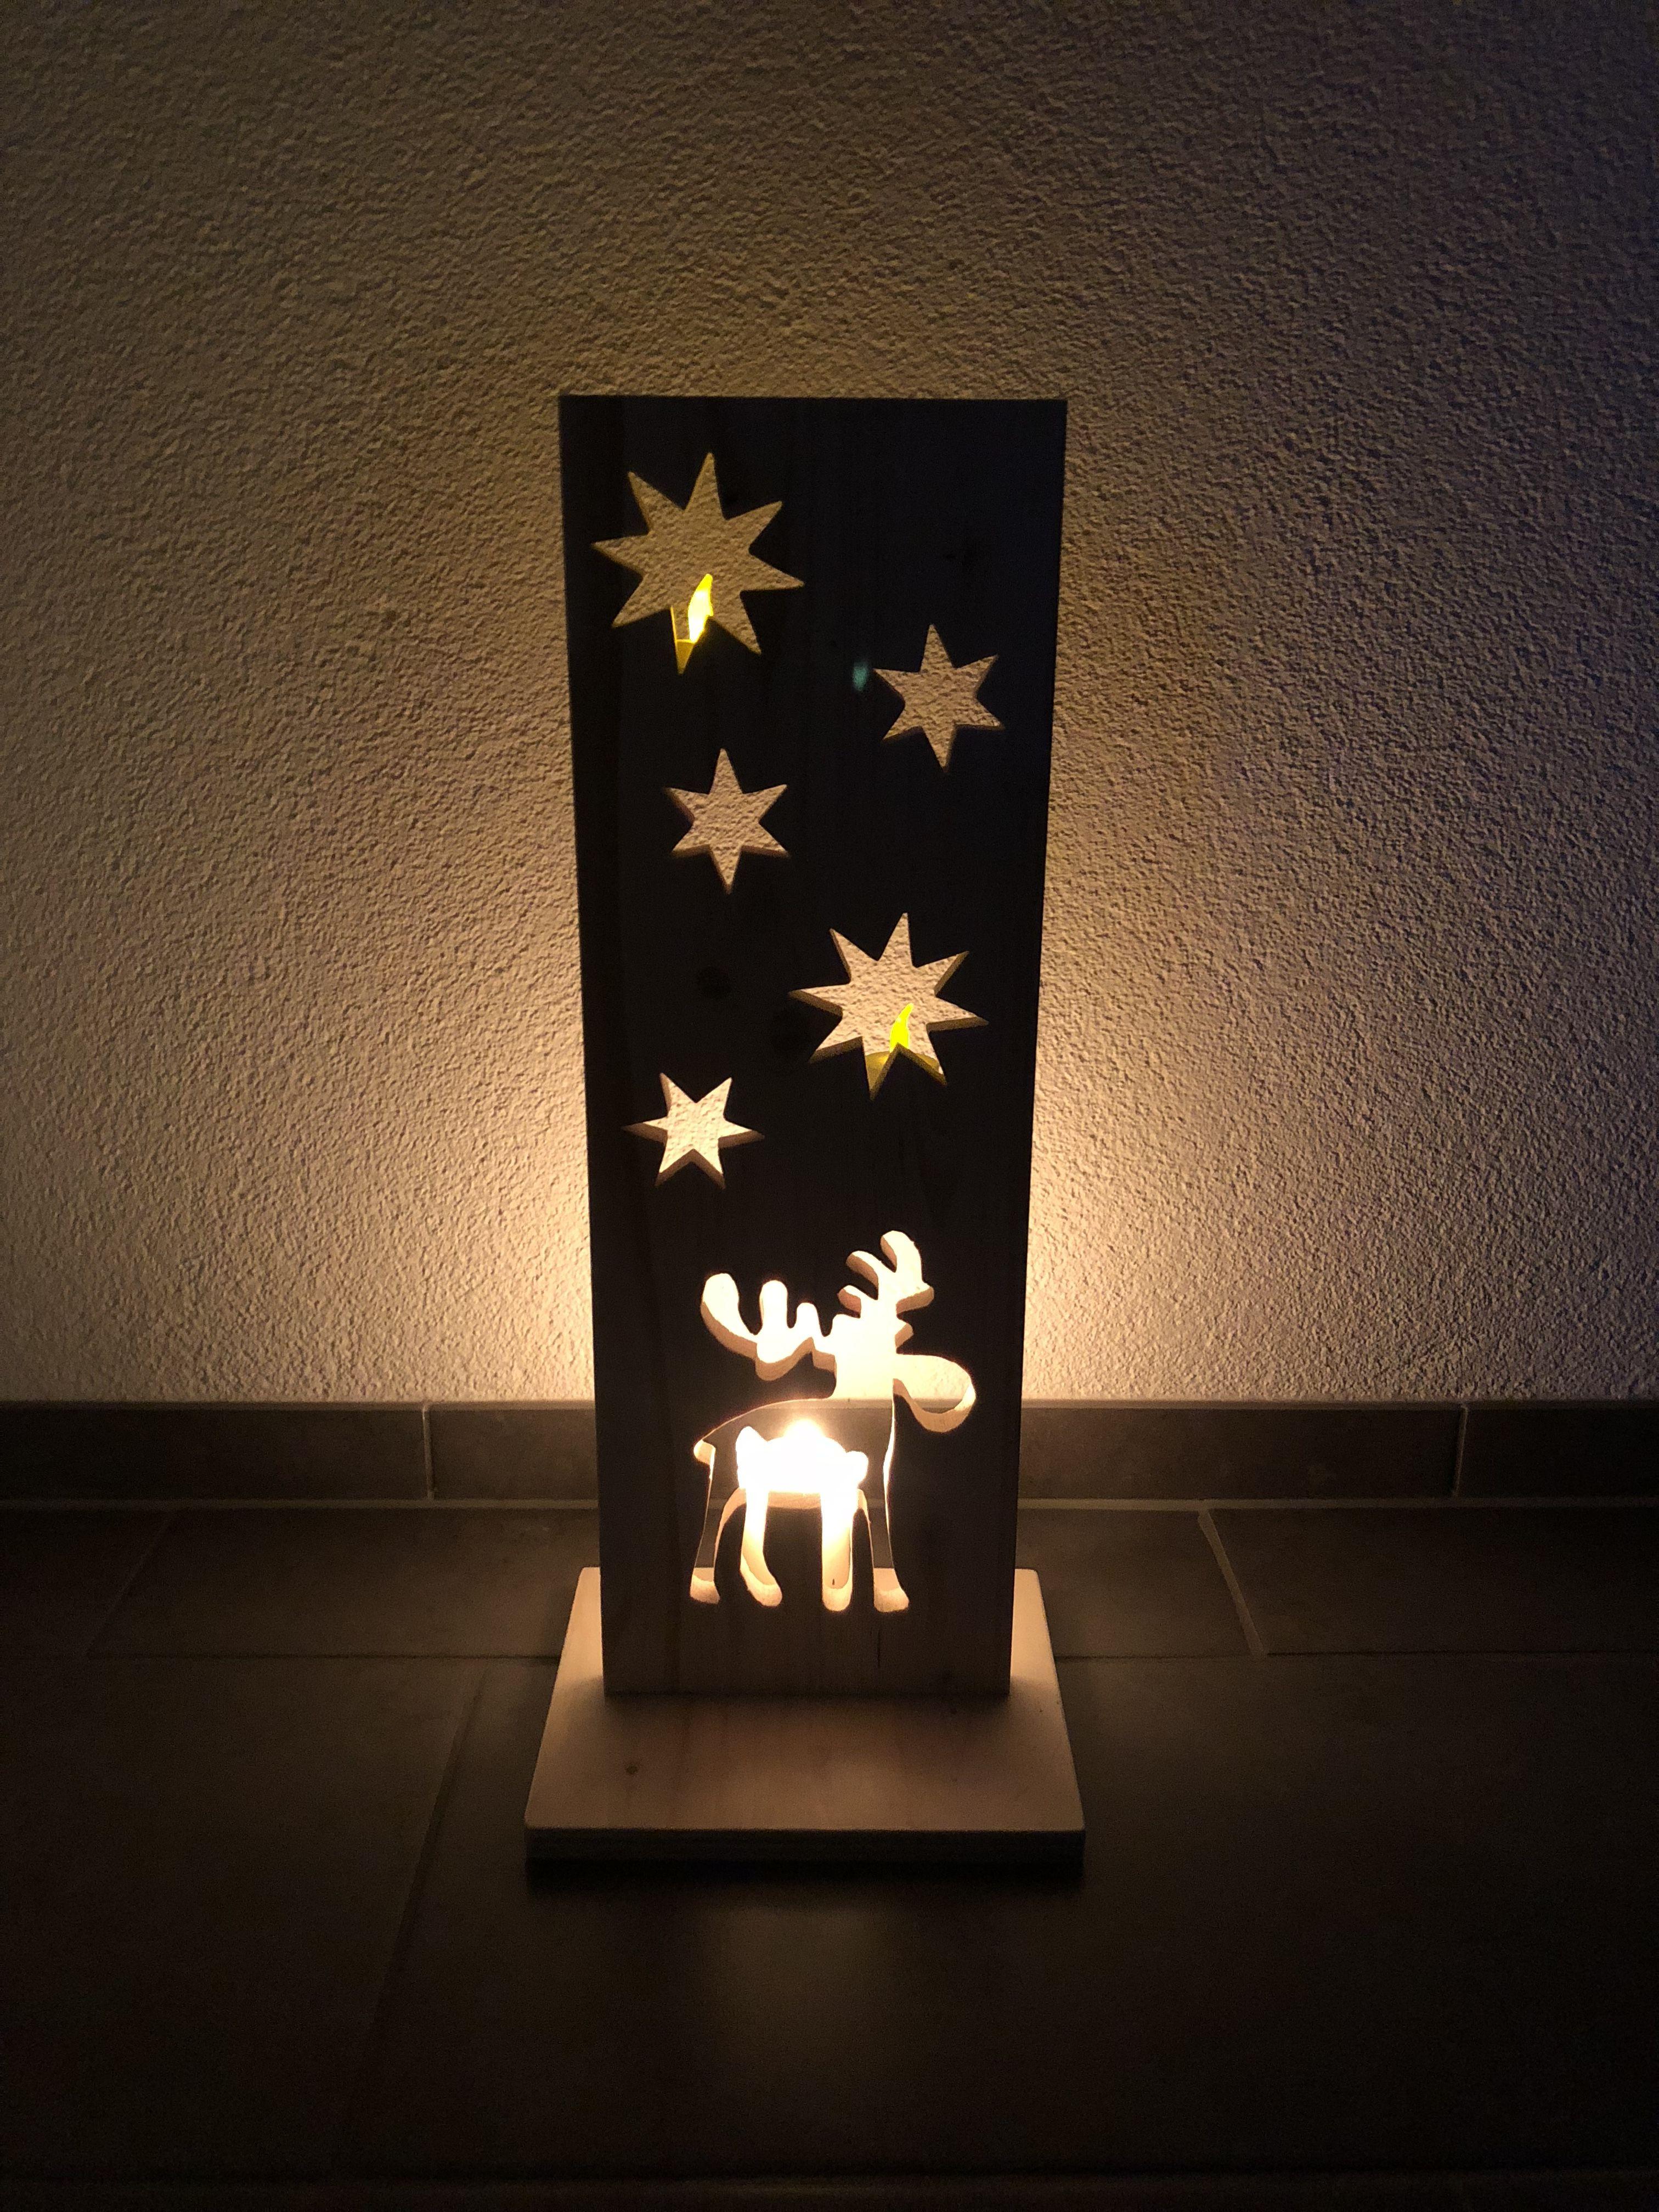 Weihnachtsdekoration Diychristmas Diycrafts Diy Stars Elche Basteln Timber Hol Weihnachten Holz Dekoration Weihnachten Basteln Krippe Weihnachten Holz